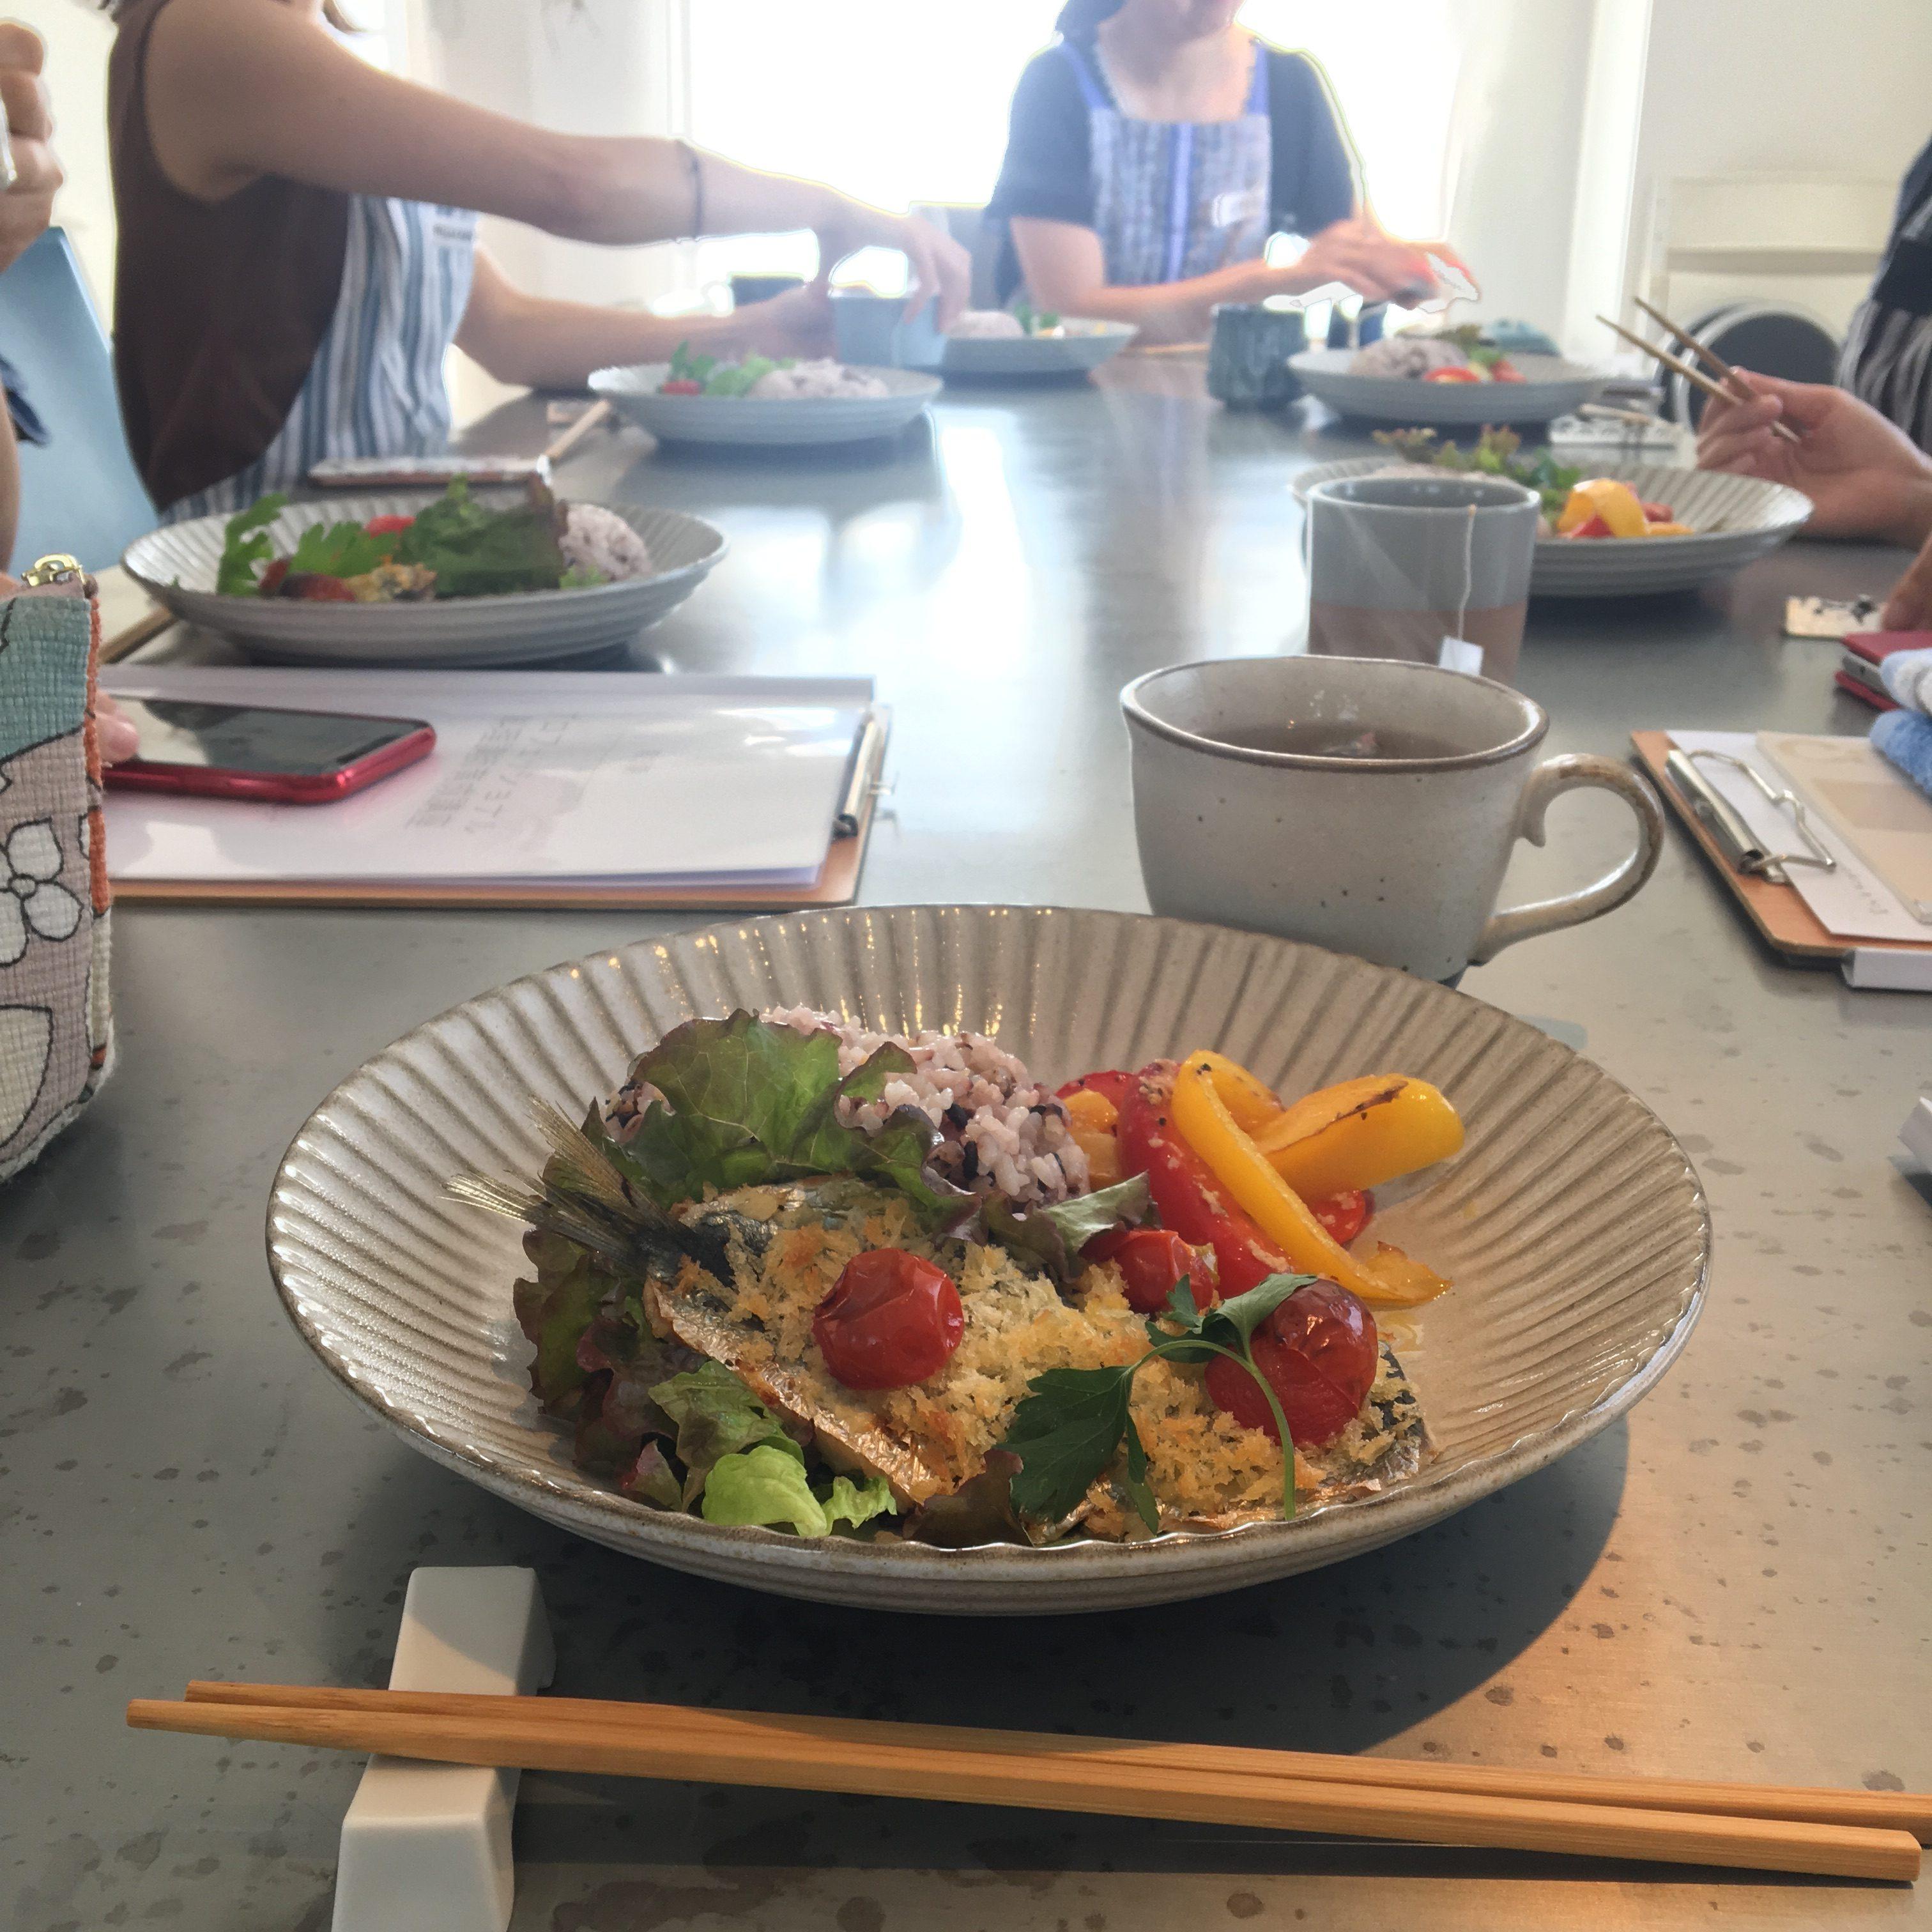 【第3期プロフェッショナル料理講師育成講座】1日目;料理講師の基本と仕事について